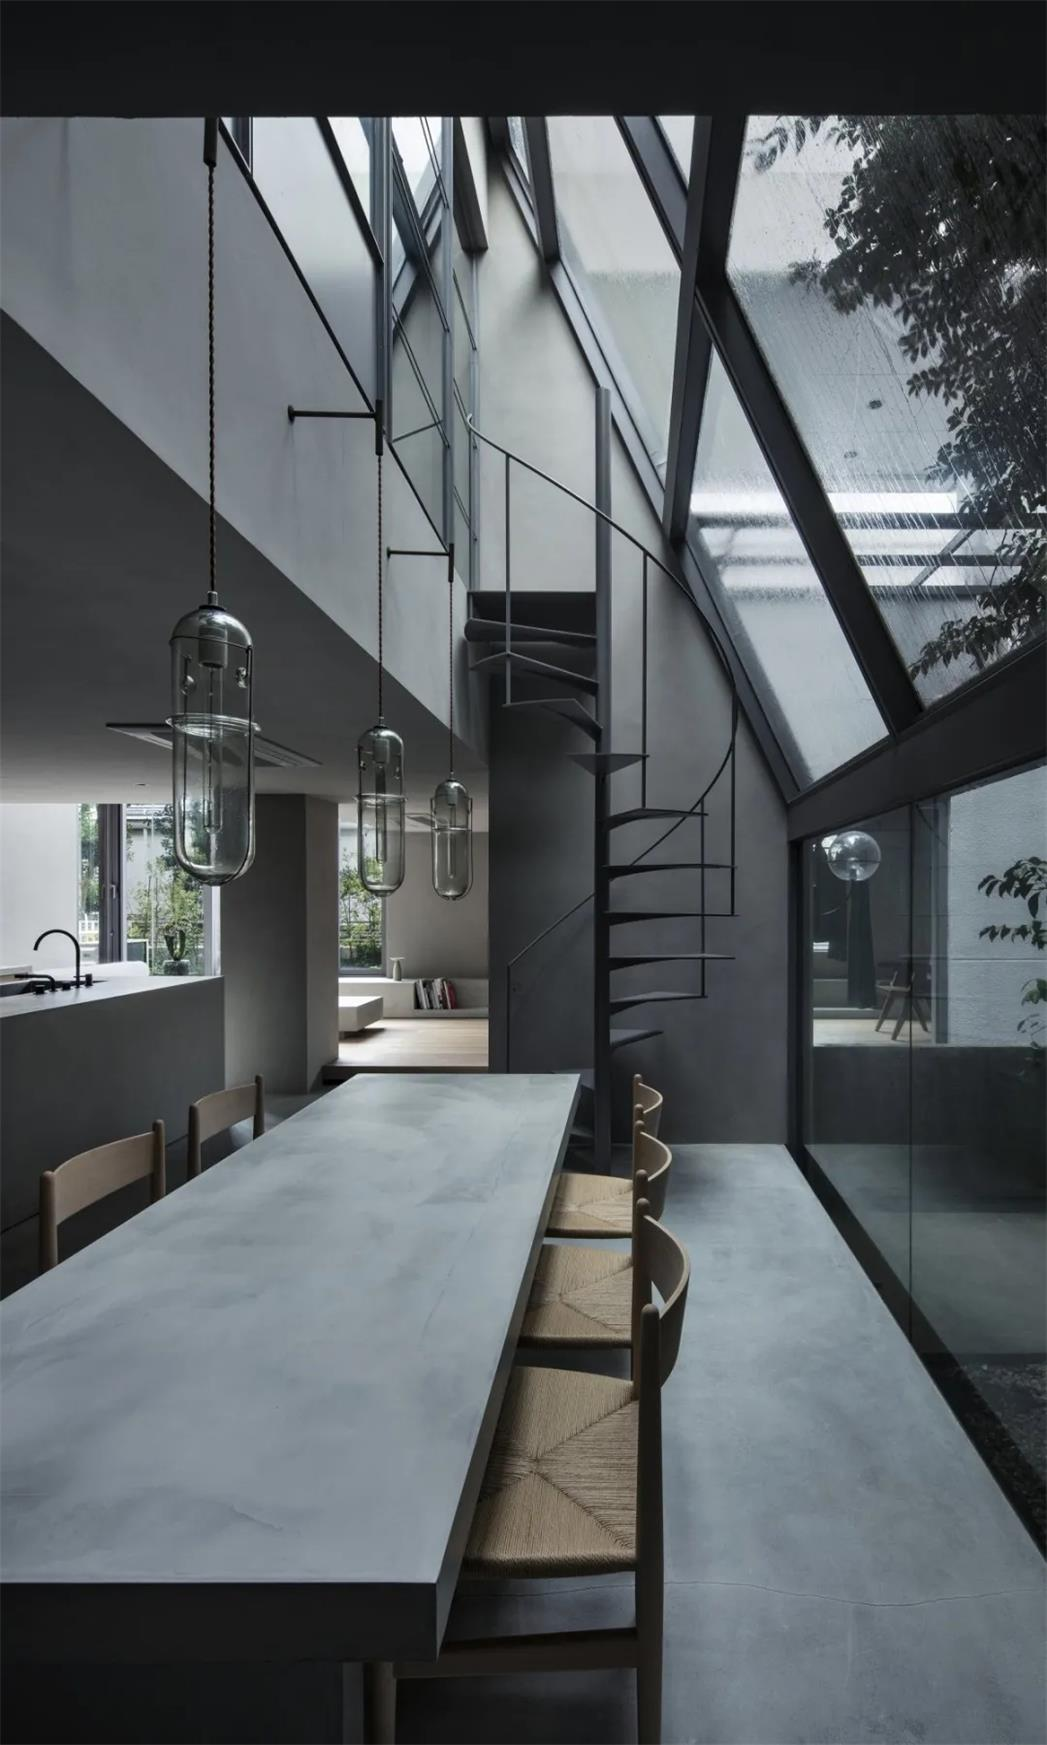 清水混凝土室内设计案例